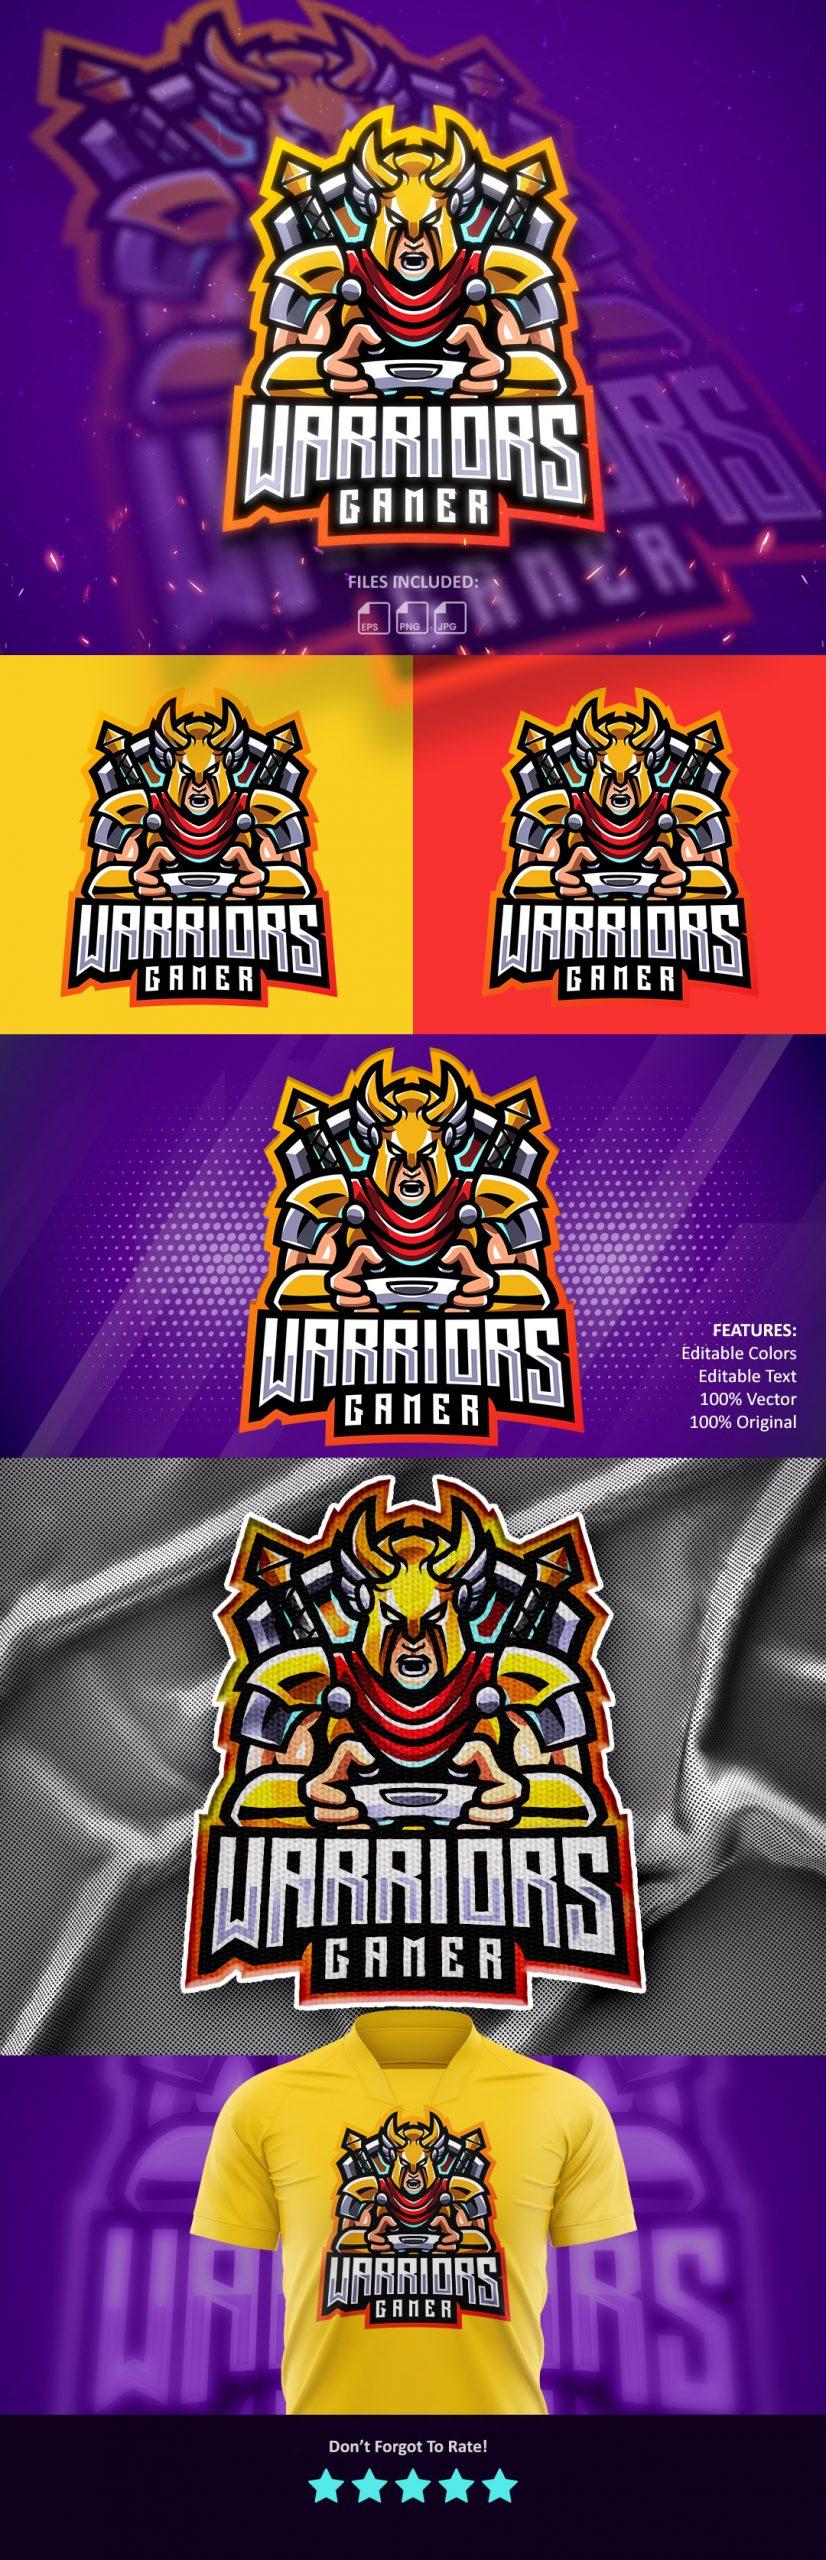 Free-Warriors-Gaming-Clan-Mascot-Logo-Download